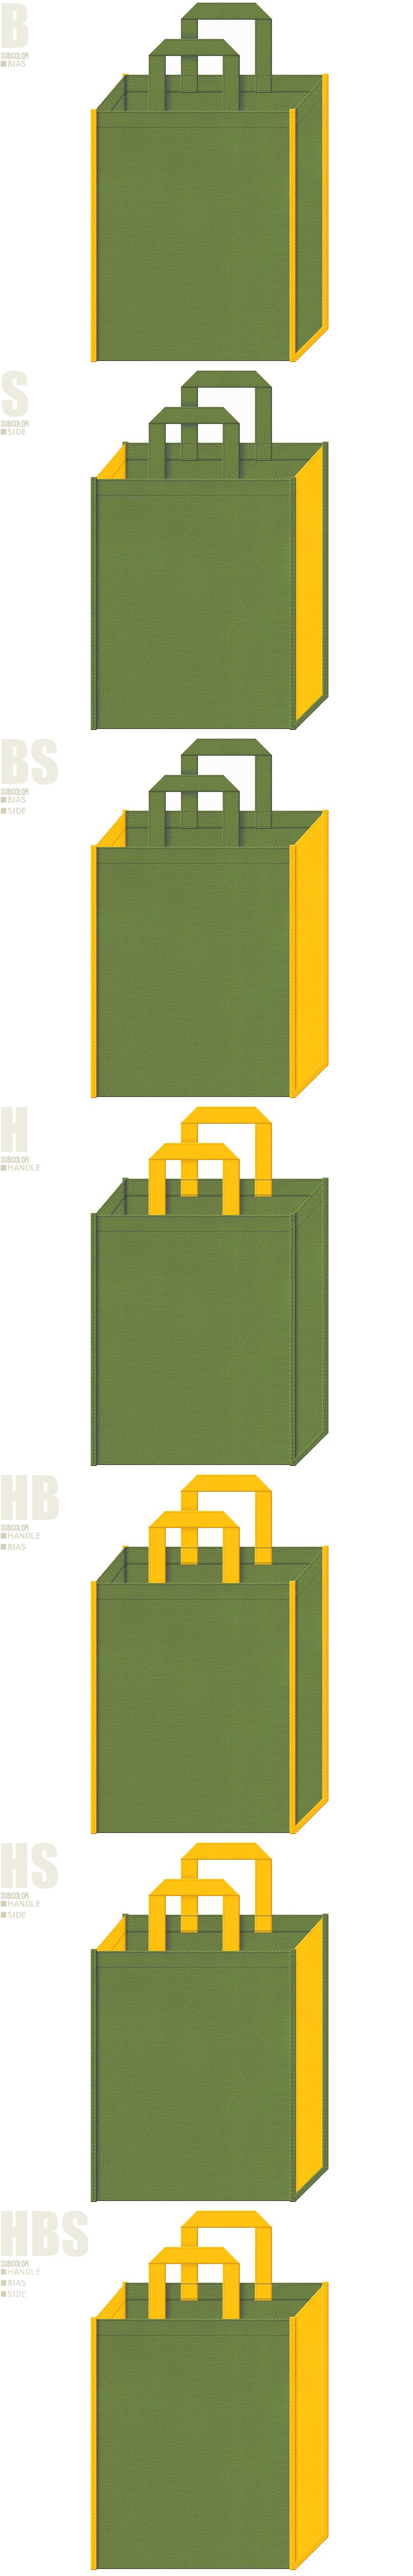 草色と黄色、7パターンの不織布トートバッグ配色デザイン例。栗入りの抹茶ぜんざい風の不織布バッグにお奨めの配色です。